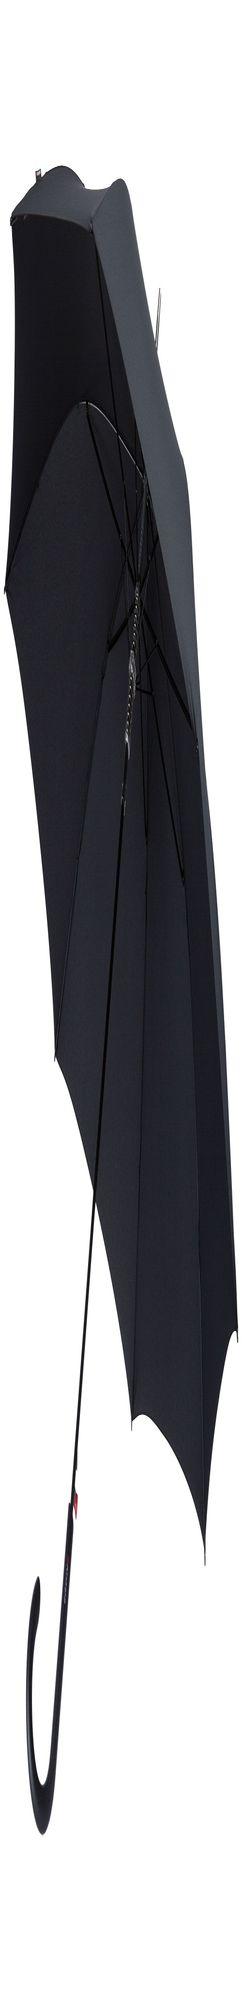 Зонт-трость E.703, черный фото